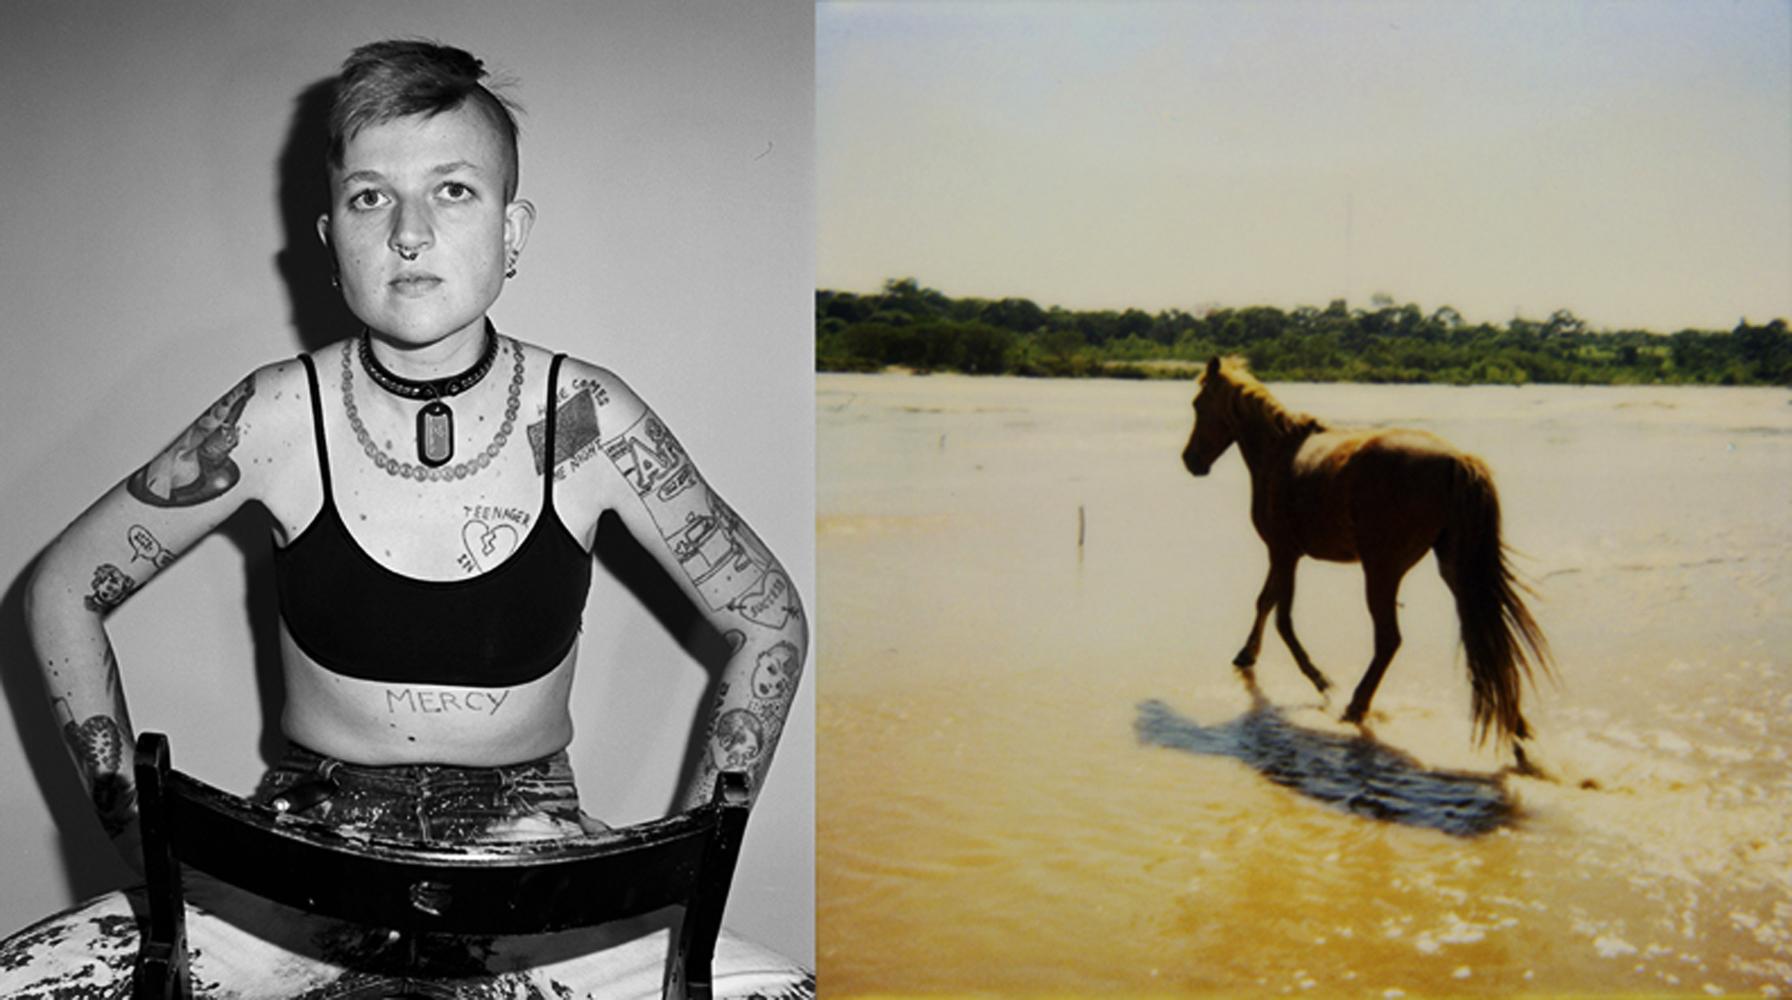 ryfman-caitlin&horse-poloroid-horse2-small.jpg